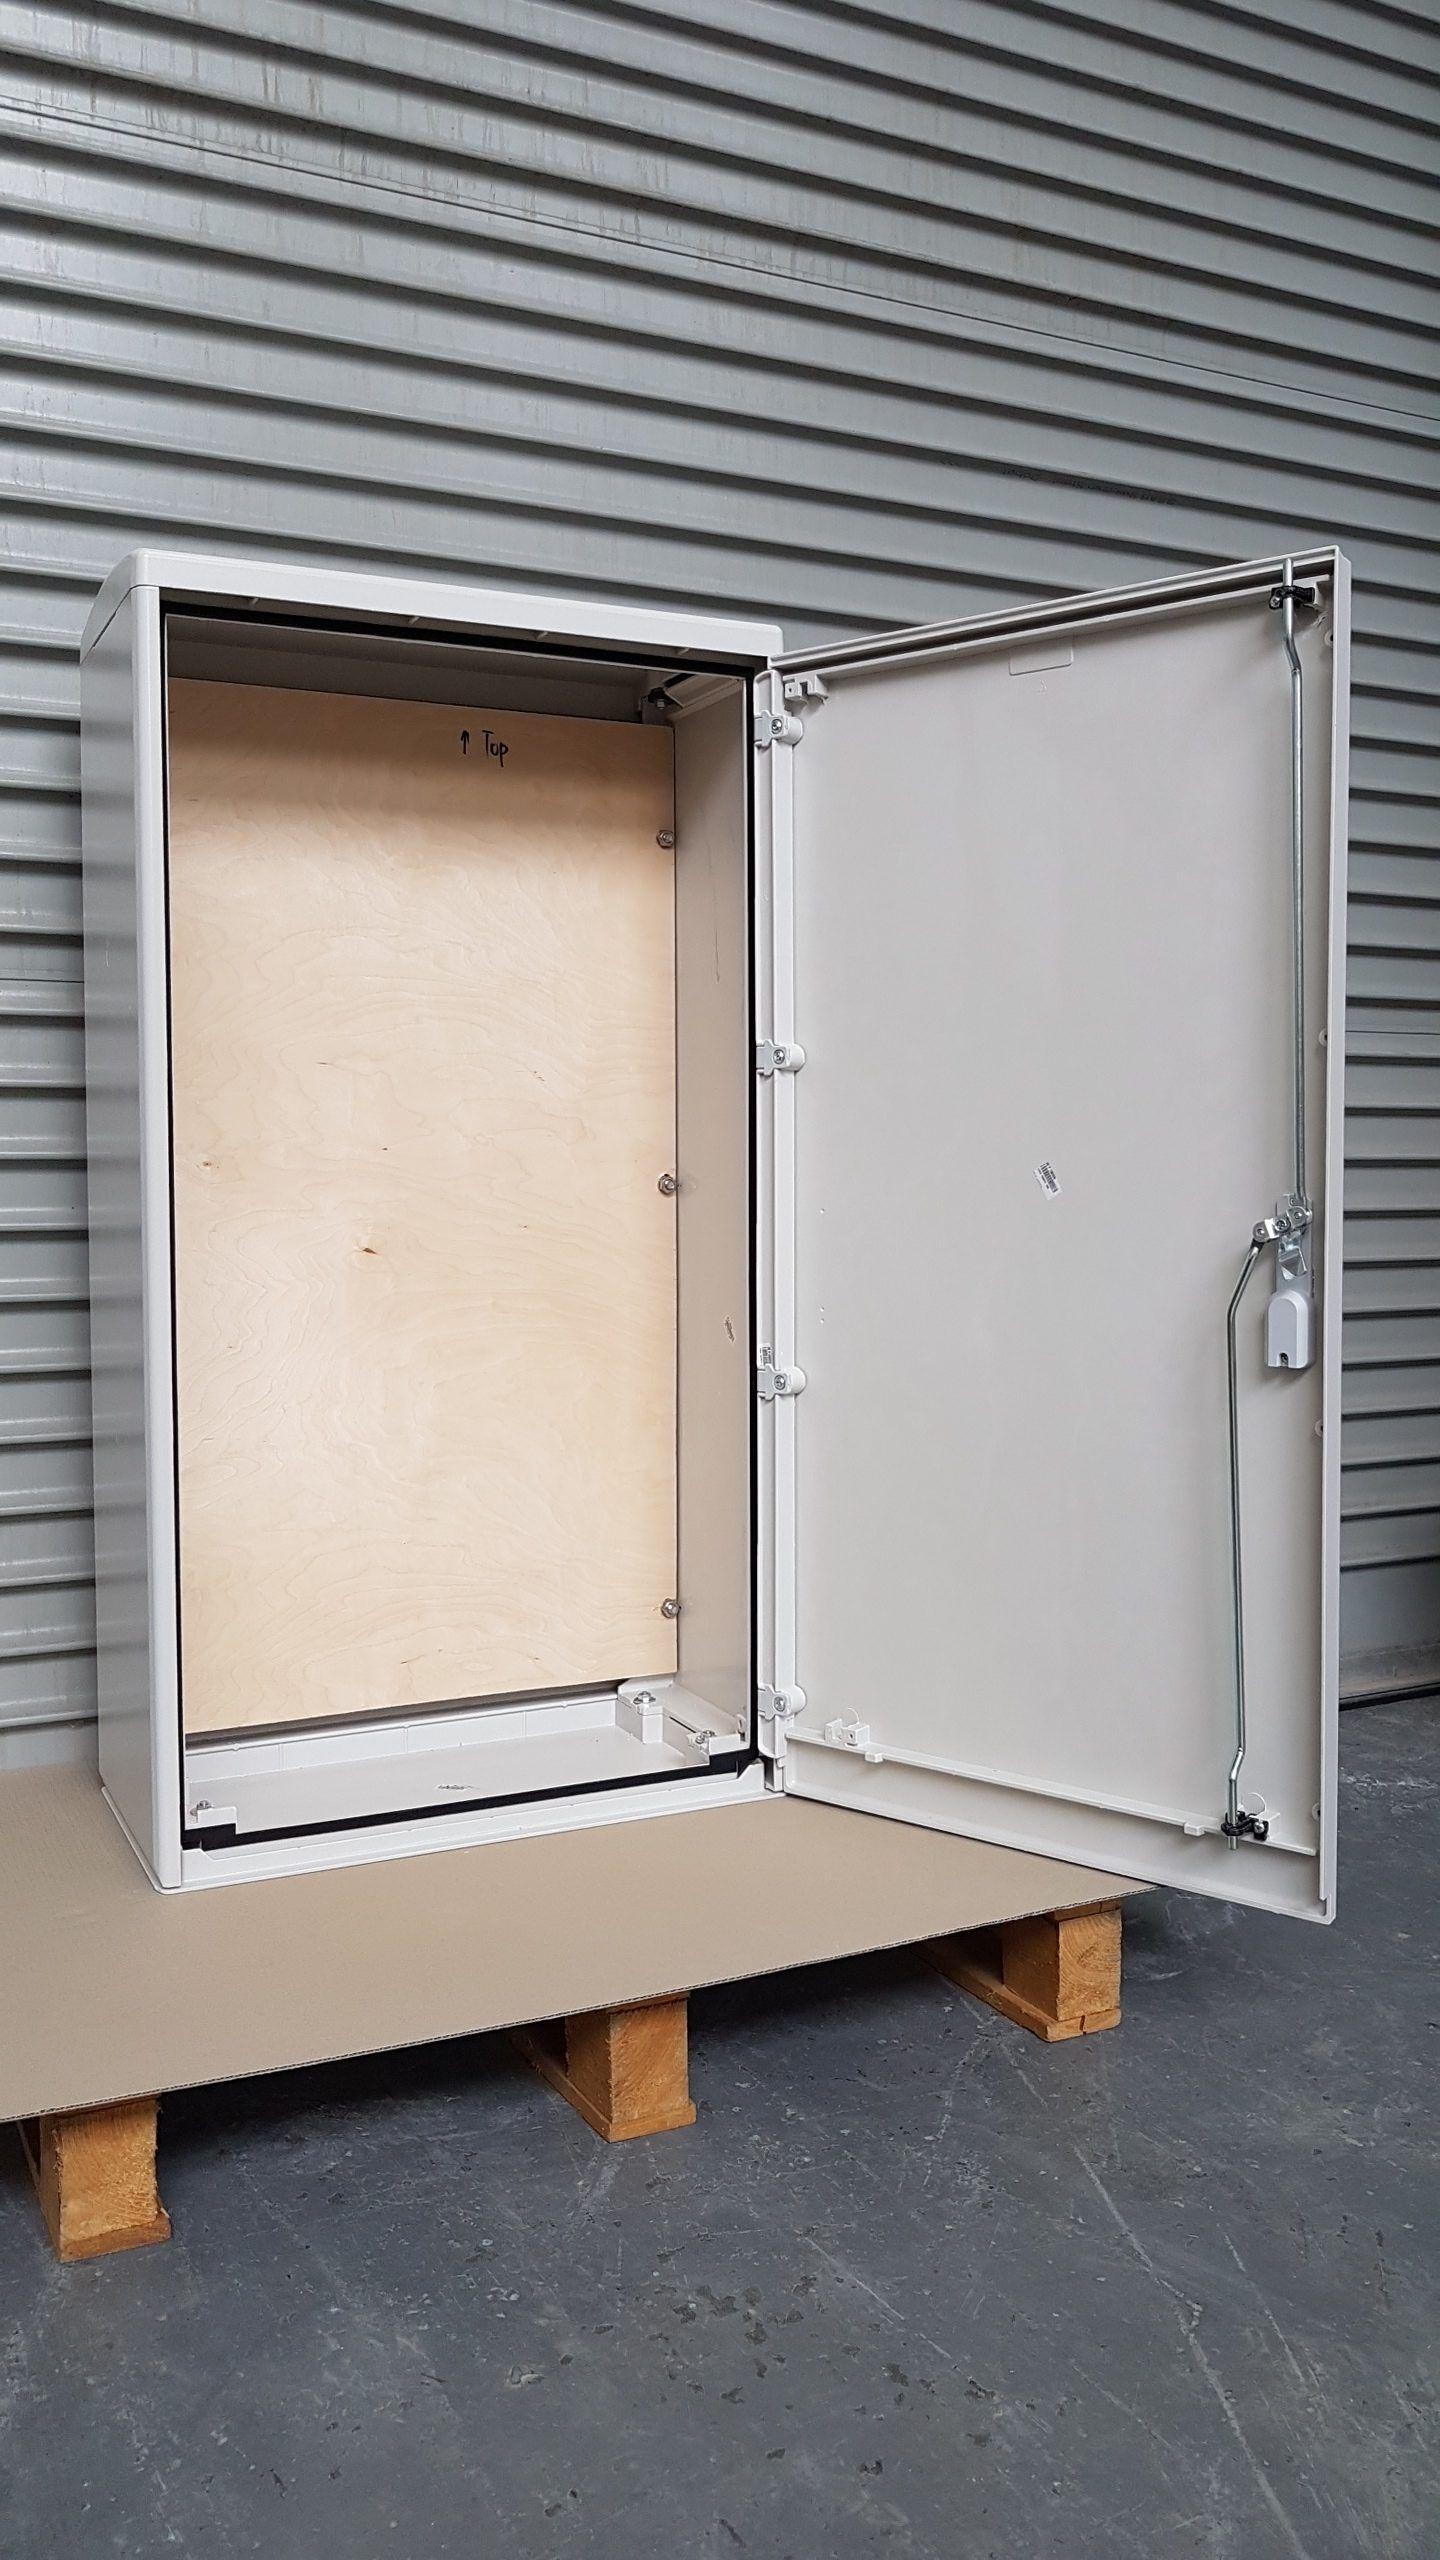 GRP Electric Meter Box W605 x H1150 x D320 mm Front View Open Door